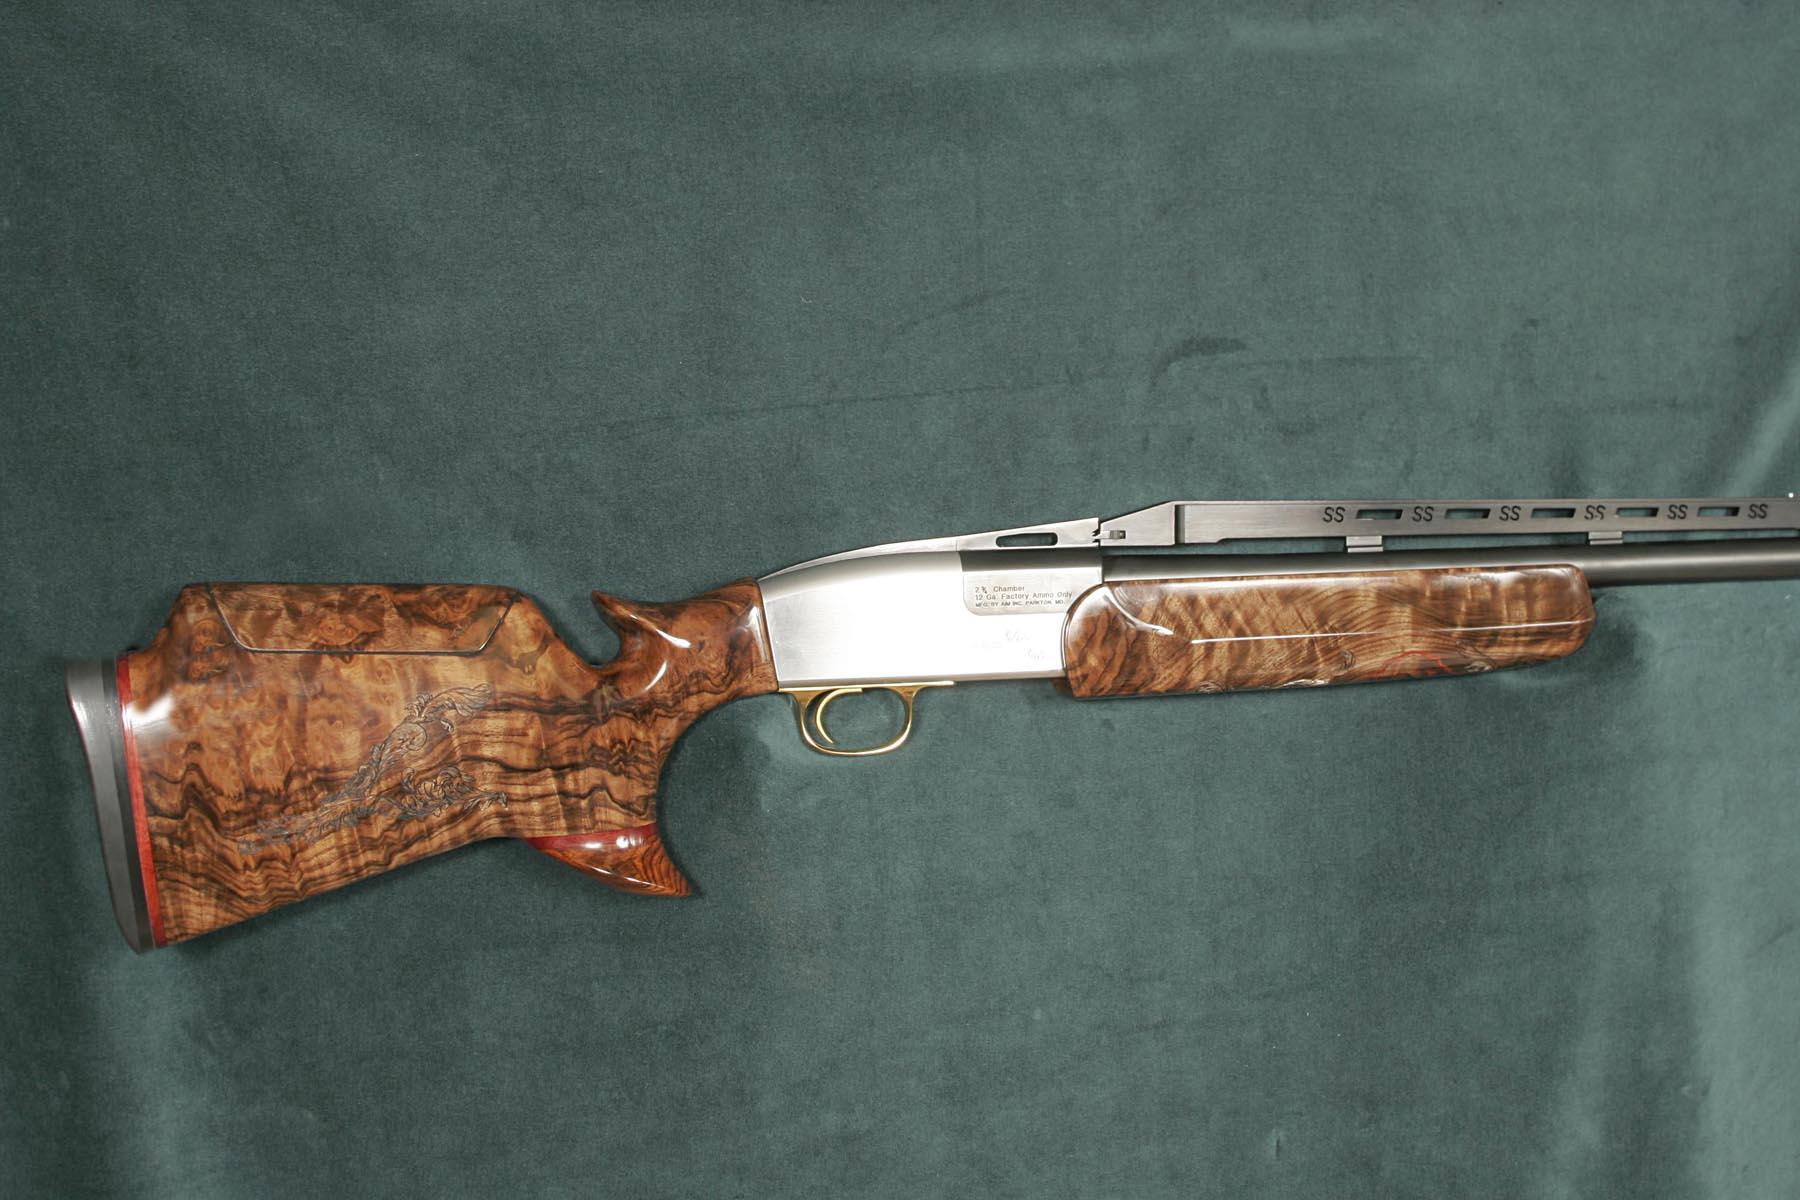 Silver Seitz Artisan Stock And Gunworks